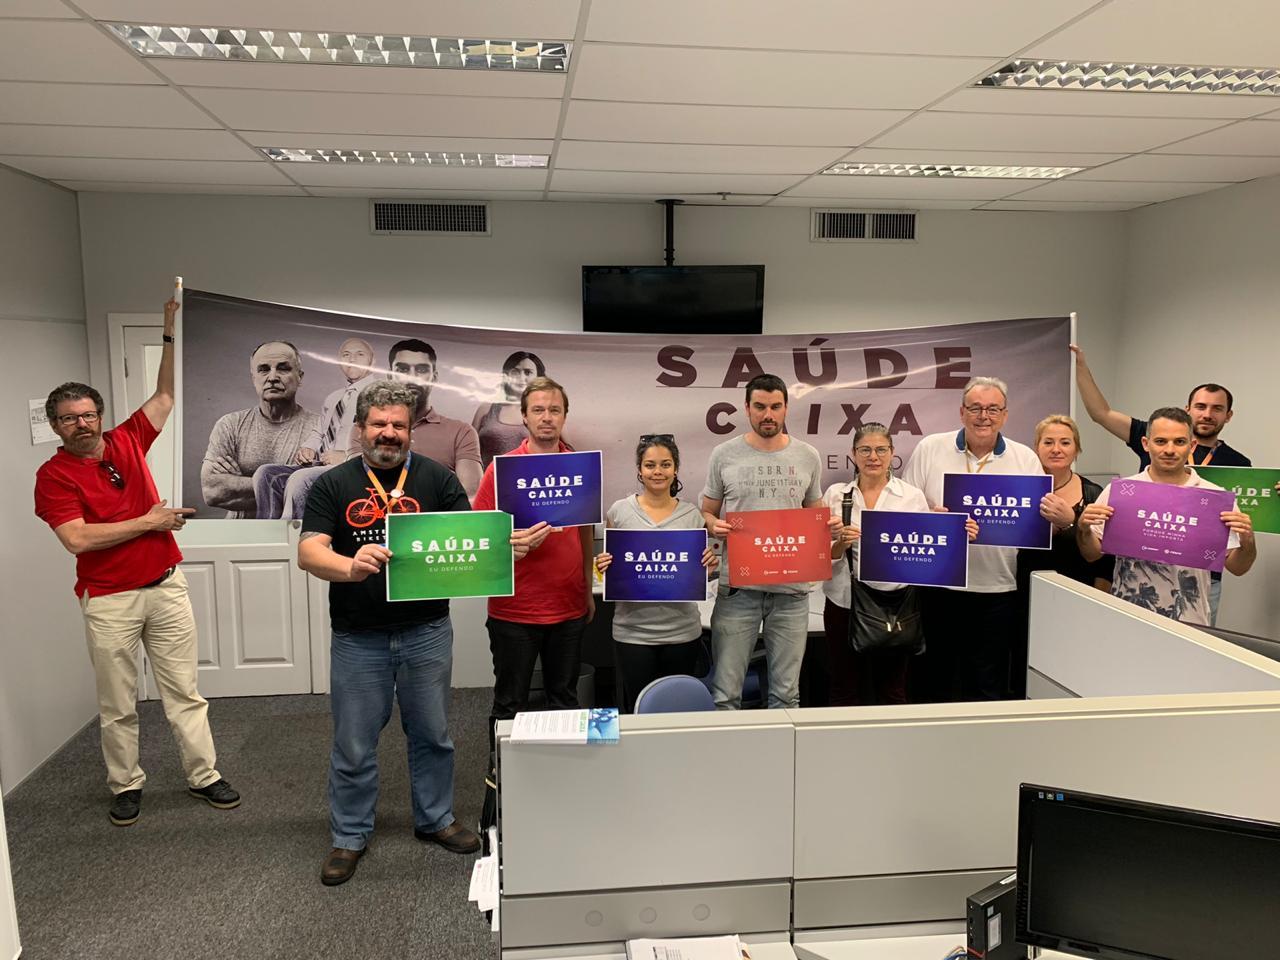 Dia Nacional de Luta em Defesa do Saúde Caixa movimenta todo o Brasil